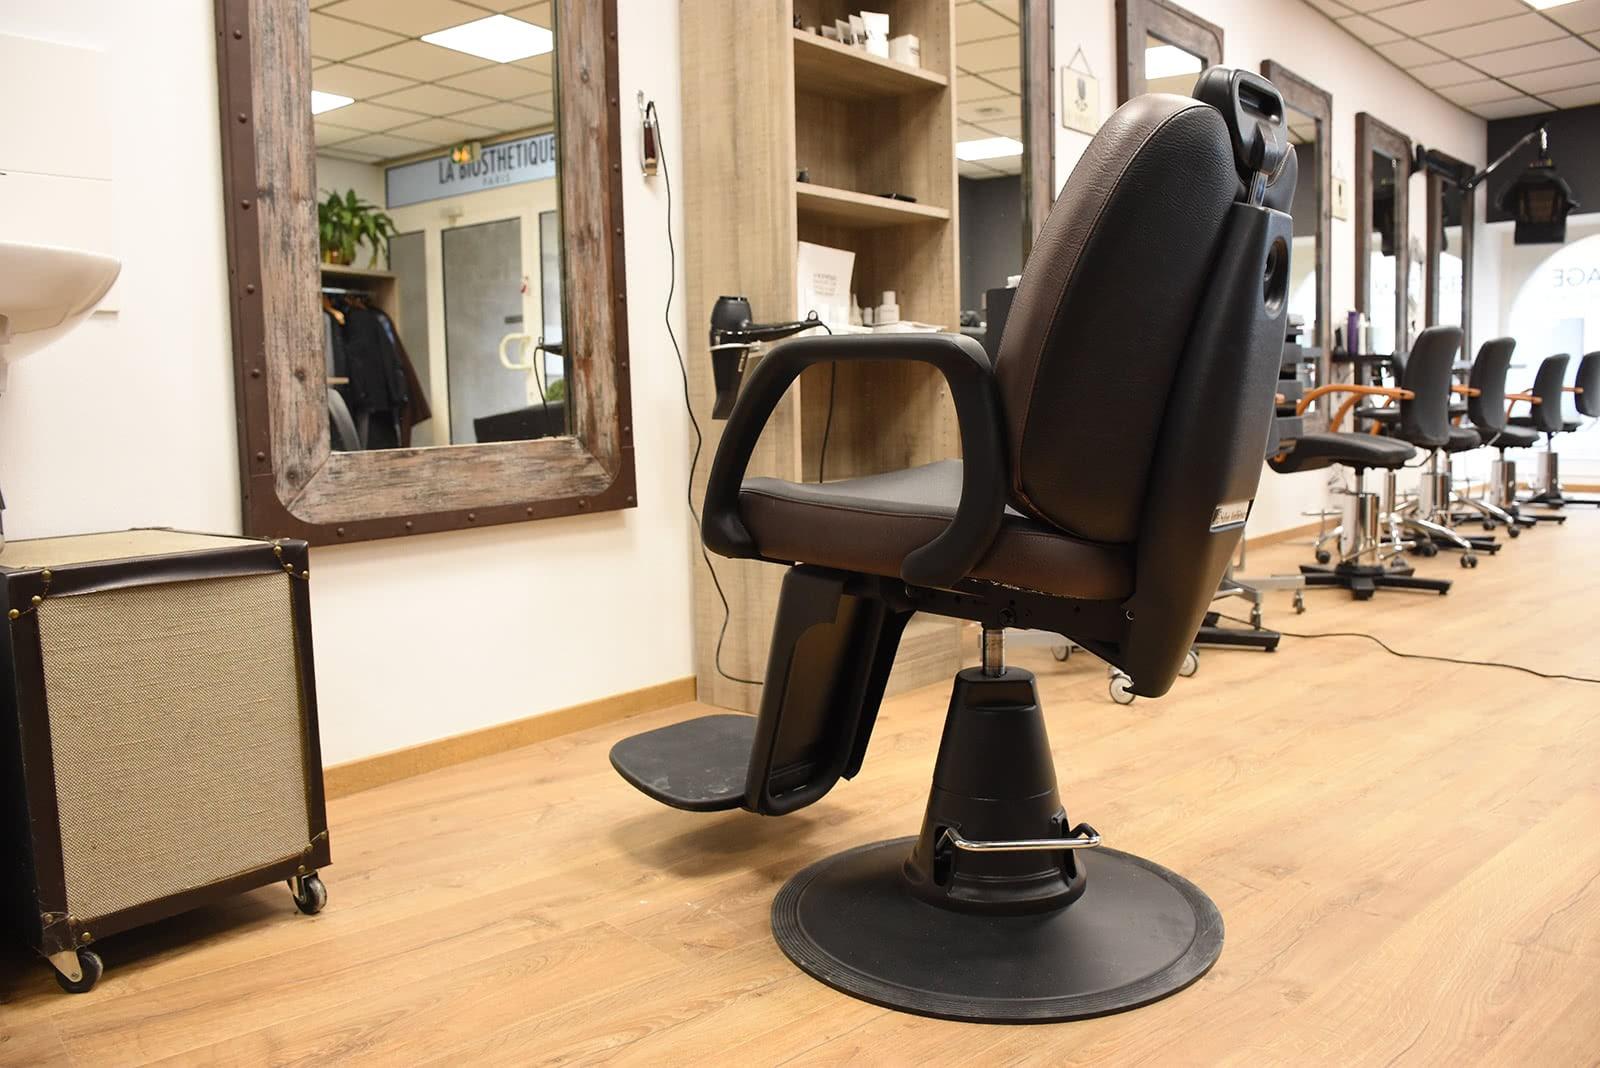 Un siège pour barbier